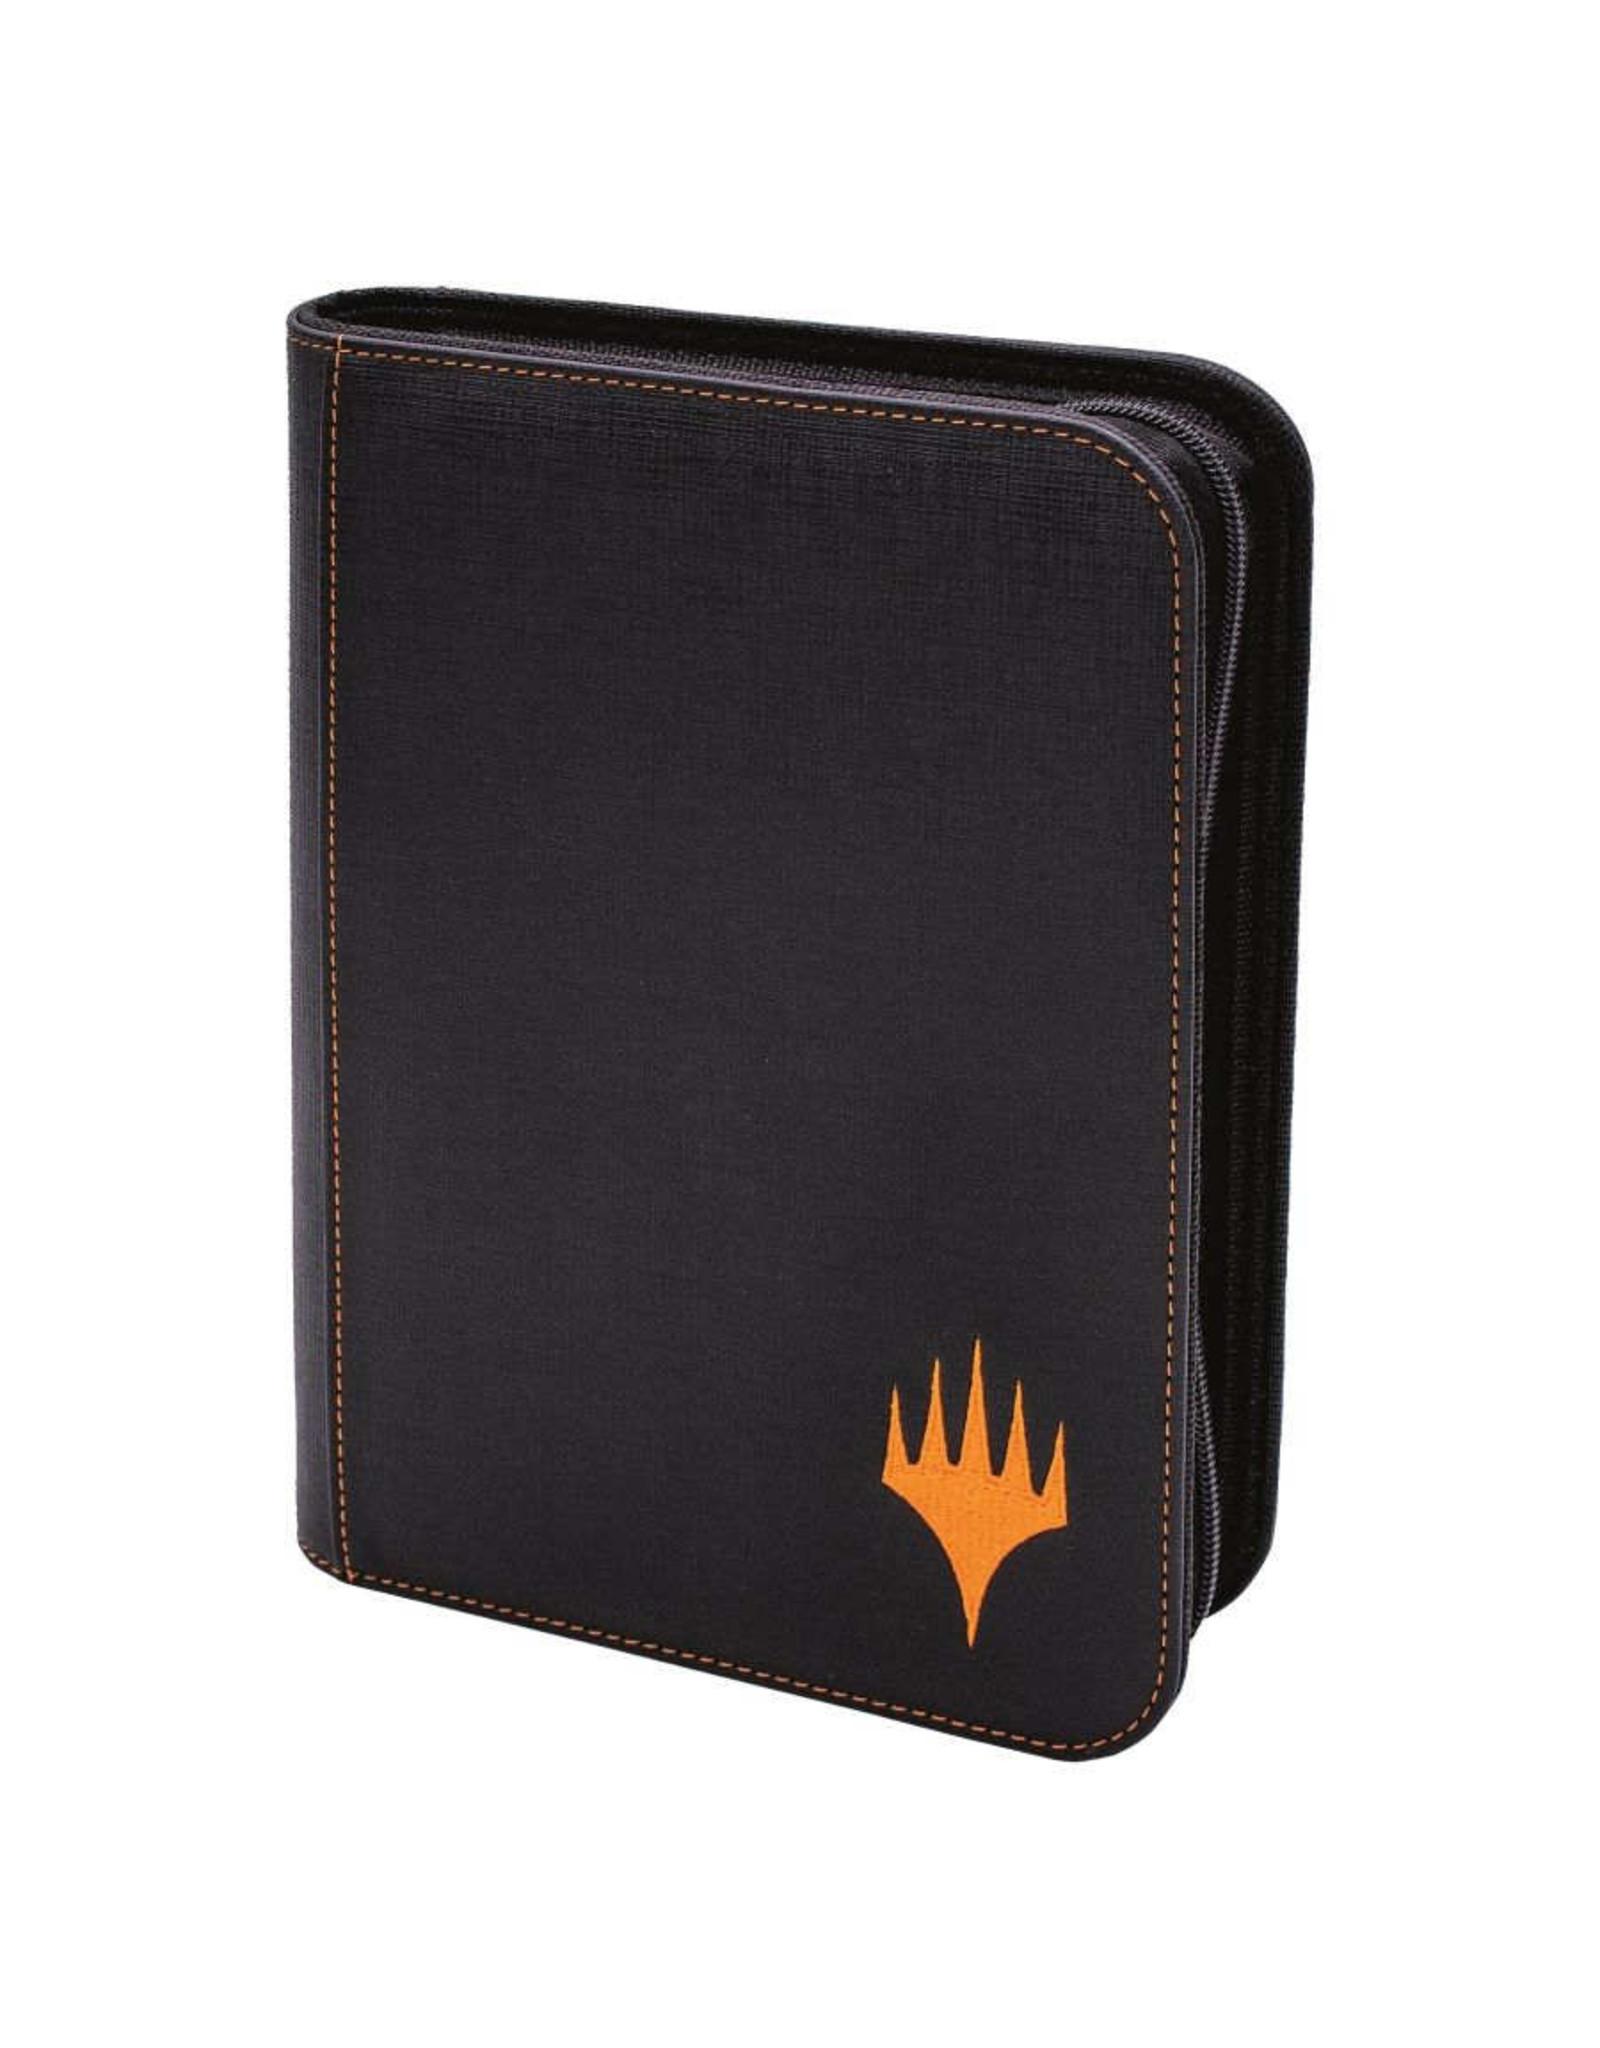 Ultra Pro Magic: The Gathering: Mythic Edition - PRO-Binder Zippered 4-Pocket